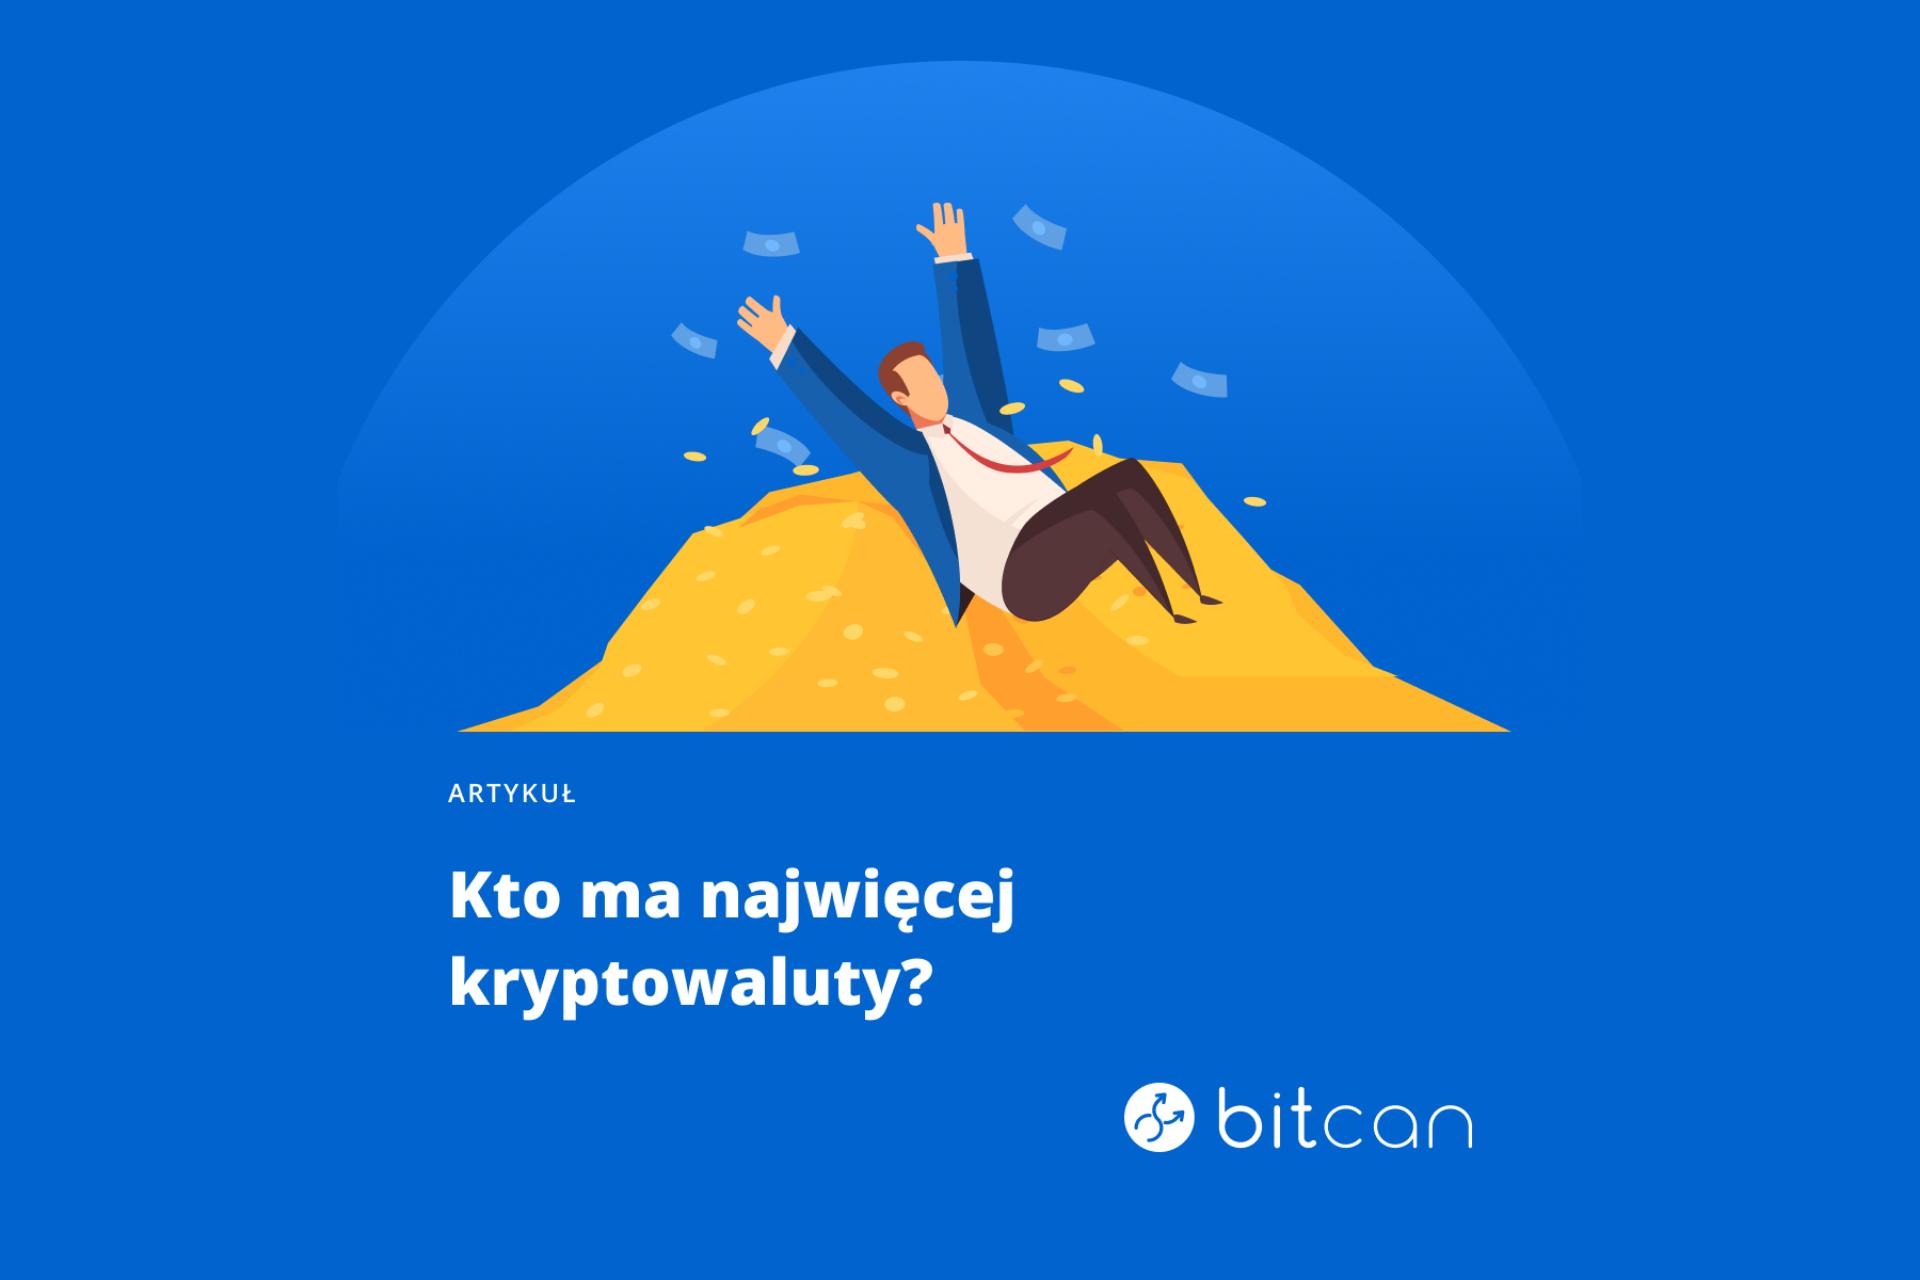 Bitcoin. Kto ma najwięcej kryptowaluty?